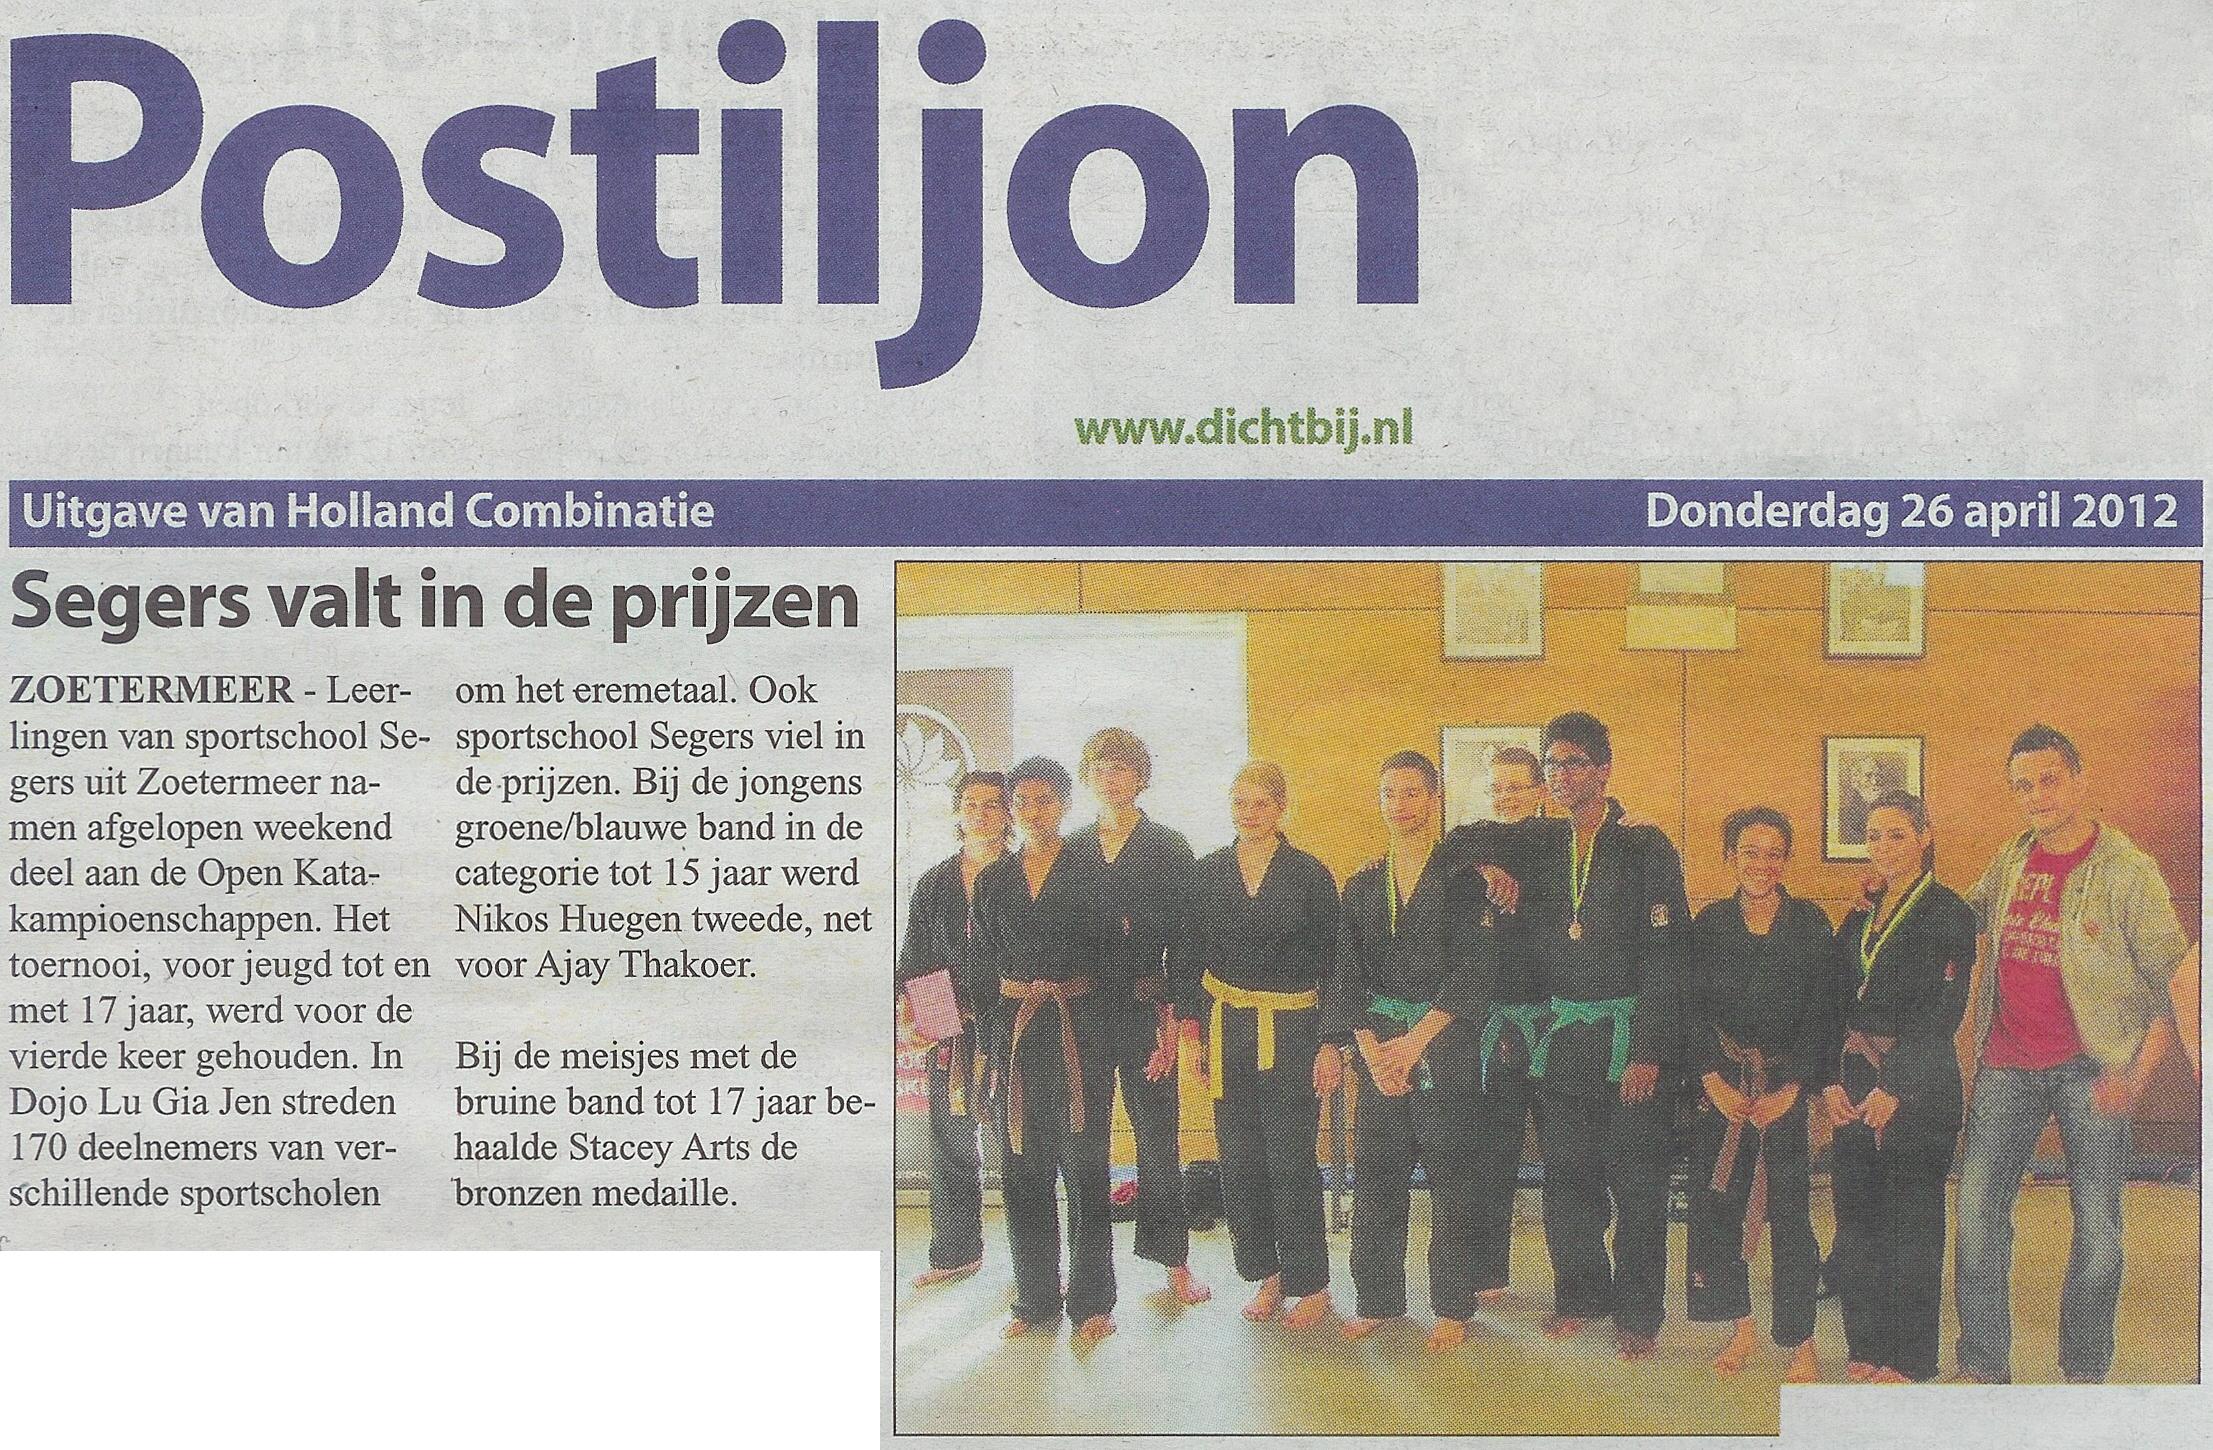 2012-04-26-de-postiljon-segers-valt-in-de-prijzen.jpg